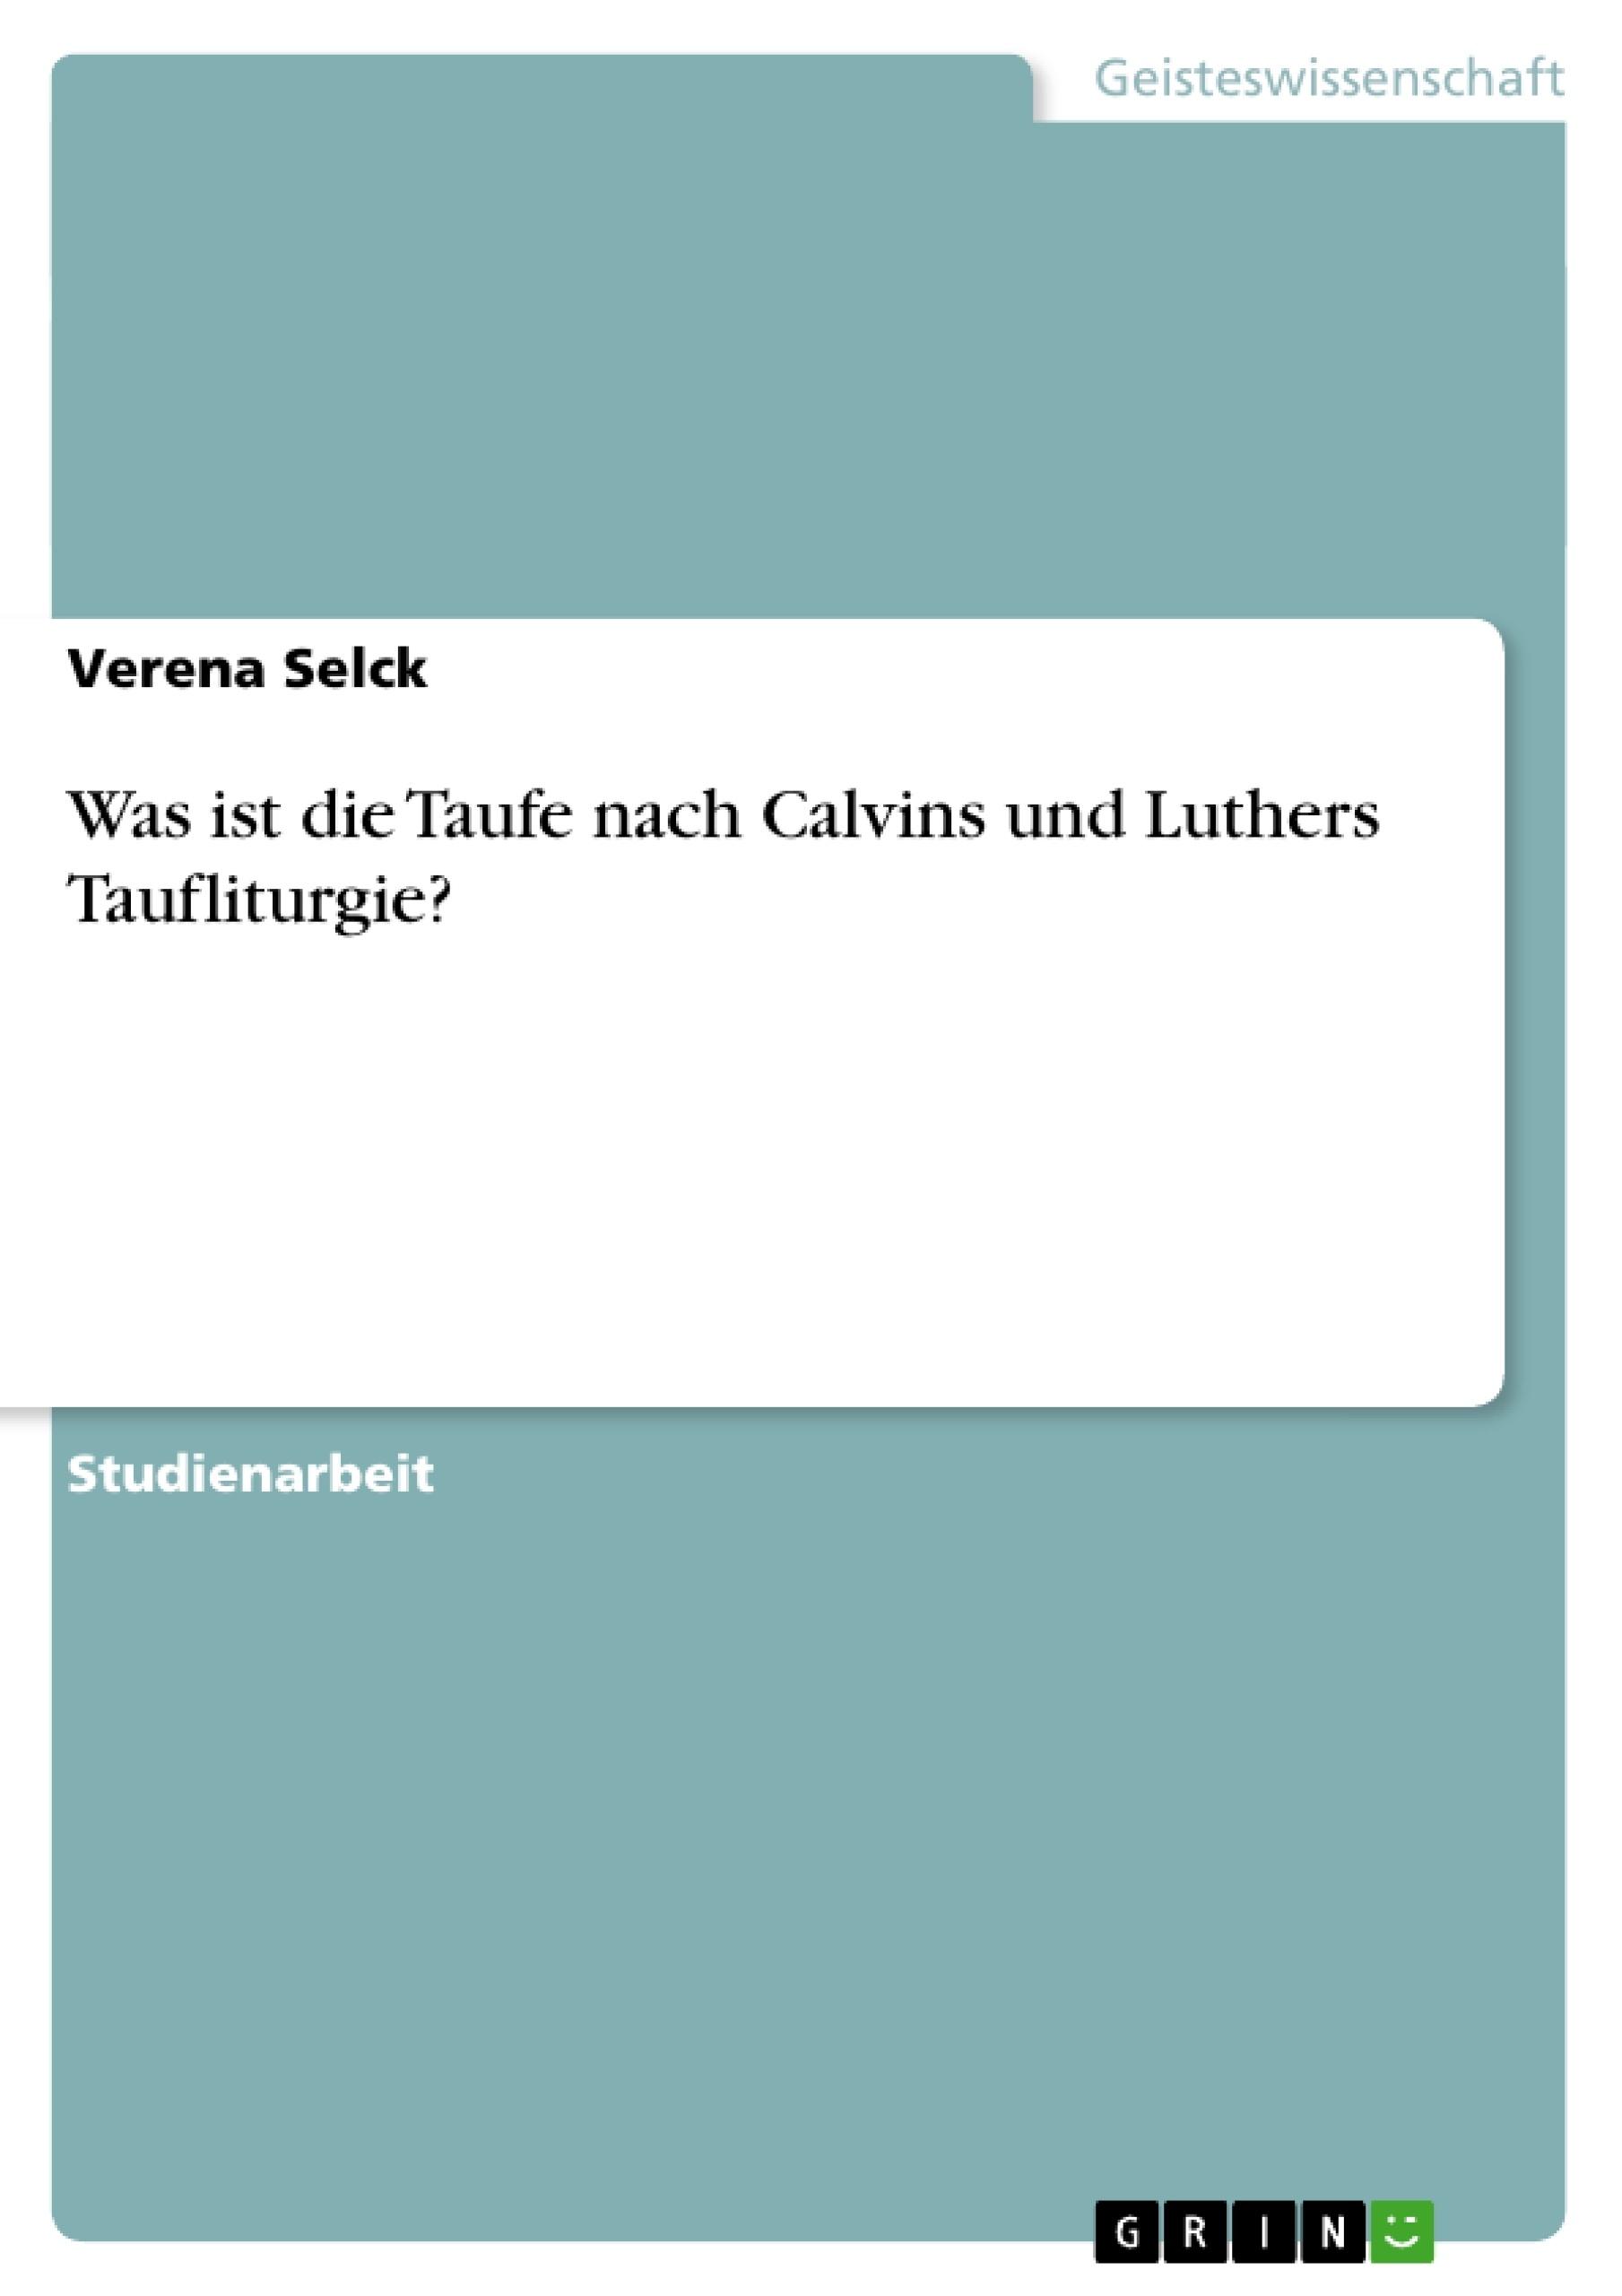 Titel: Was ist die Taufe nach Calvins und Luthers Taufliturgie?